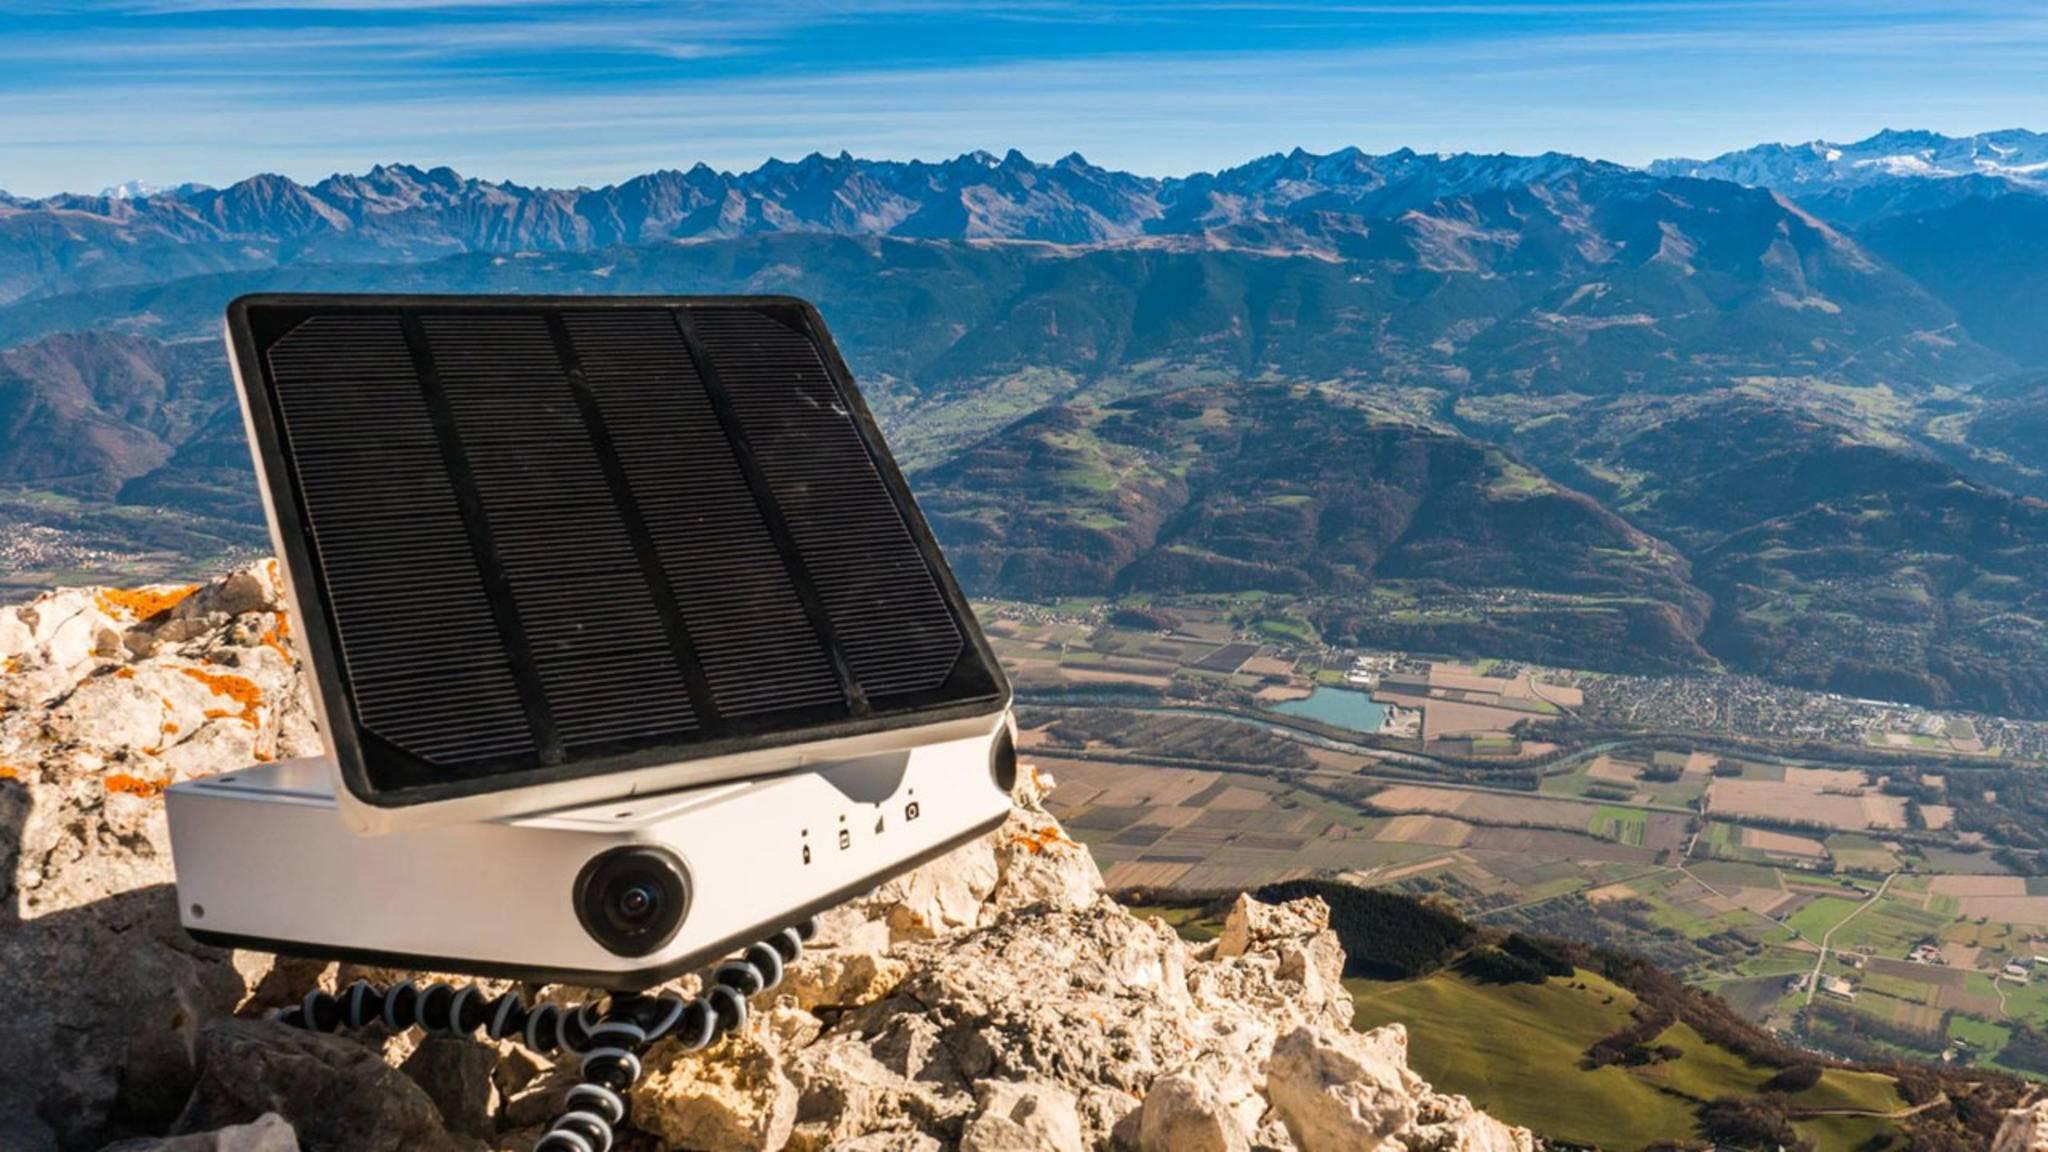 Die Enlaps Tikee bietet dank Solarzelle unbegrenzte Akkulaufzeit.